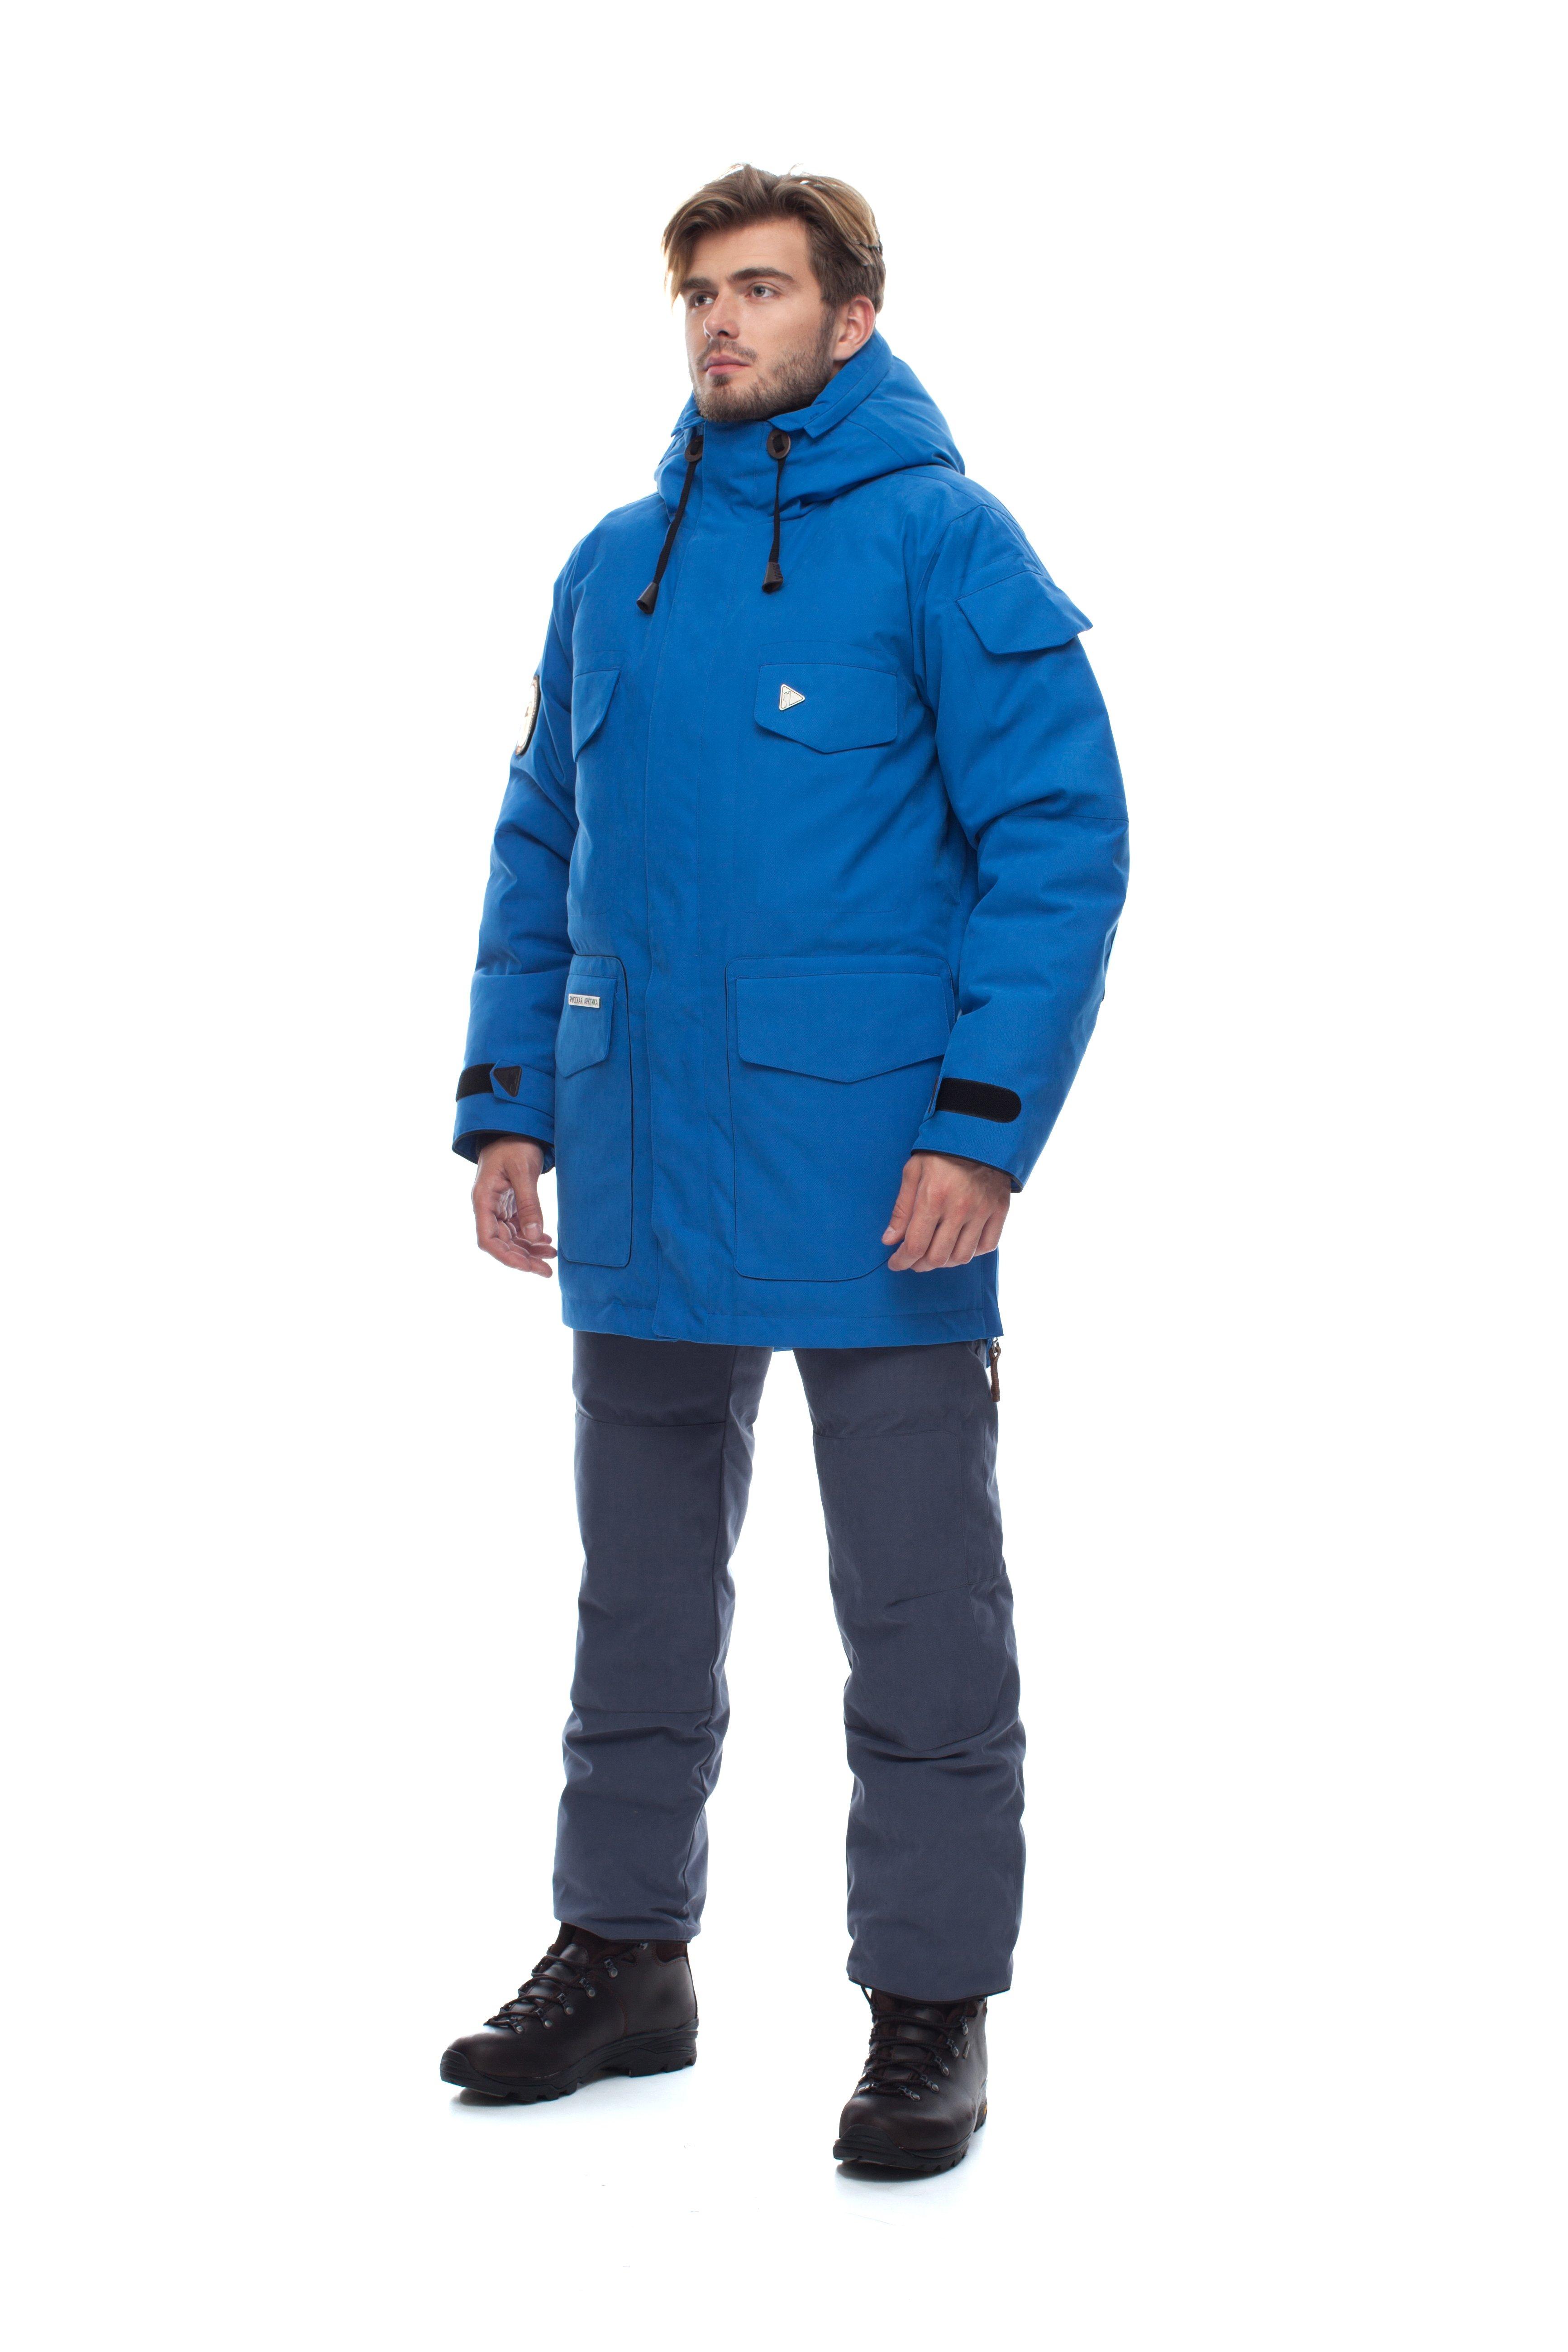 Пуховая куртка BASK TAIMYR 3773Тепло дешевле летом<br><br><br>Верхняя ткань: Advance® Alaska<br>Вес граммы: 2550<br>Вес утеплителя: 430<br>Ветро-влагозащитные свойства верхней ткани: Да<br>Ветрозащитная планка: Да<br>Ветрозащитная юбка: Да<br>Влагозащитные молнии: Нет<br>Внутренние манжеты: Да<br>Внутренняя ткань: Advance® Classic<br>Водонепроницаемость: 5000<br>Дублирующий центральную молнию клапан: Да<br>Защитный козырёк капюшона: Нет<br>Капюшон: Несъемный<br>Карман для средств связи: Да<br>Количество внешних карманов: 9<br>Количество внутренних карманов: 2<br>Мембрана: Да<br>Объемный крой локтевой зоны: Да<br>Отстёгивающиеся рукава: Нет<br>Паропроницаемость: 5000<br>Показатель Fill Power (для пуховых изделий): 650<br>Проклейка швов: Нет<br>Регулировка манжетов рукавов: Да<br>Регулировка низа: Нет<br>Регулировка объёма капюшона: Да<br>Регулировка талии: Да<br>Регулируемые вентиляционные отверстия: Нет<br>Световозвращающая лента: Нет<br>Температурный режим: -40<br>Технология Thermal Welding: Нет<br>Технология швов: Простые<br>Тип молнии: Двухзамковая<br>Тип утеплителя: Натуральный<br>Ткань усиления: нет<br>Усиление контактных зон: Да<br>Утеплитель: Гусиный пух<br>Размер RU: 56<br>Цвет: БЕЛЫЙ